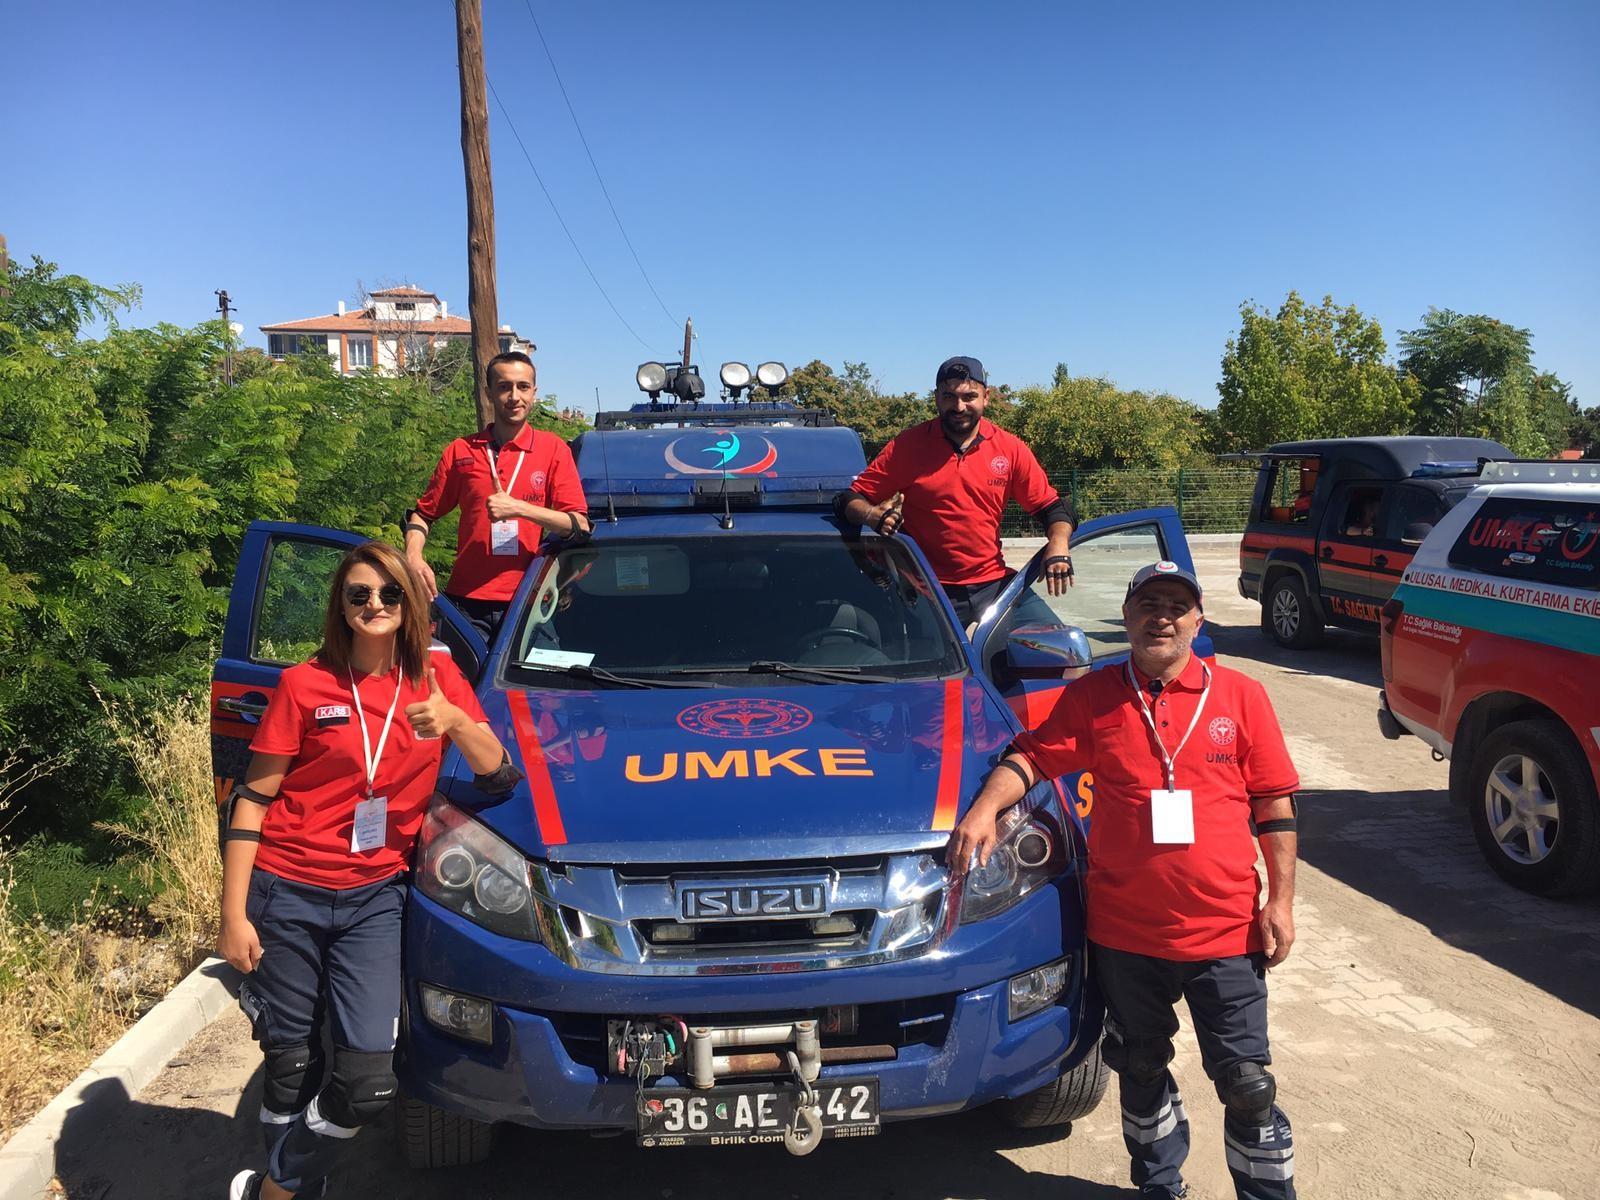 umke-ekibi-kars'a-dondu-(2).jpg